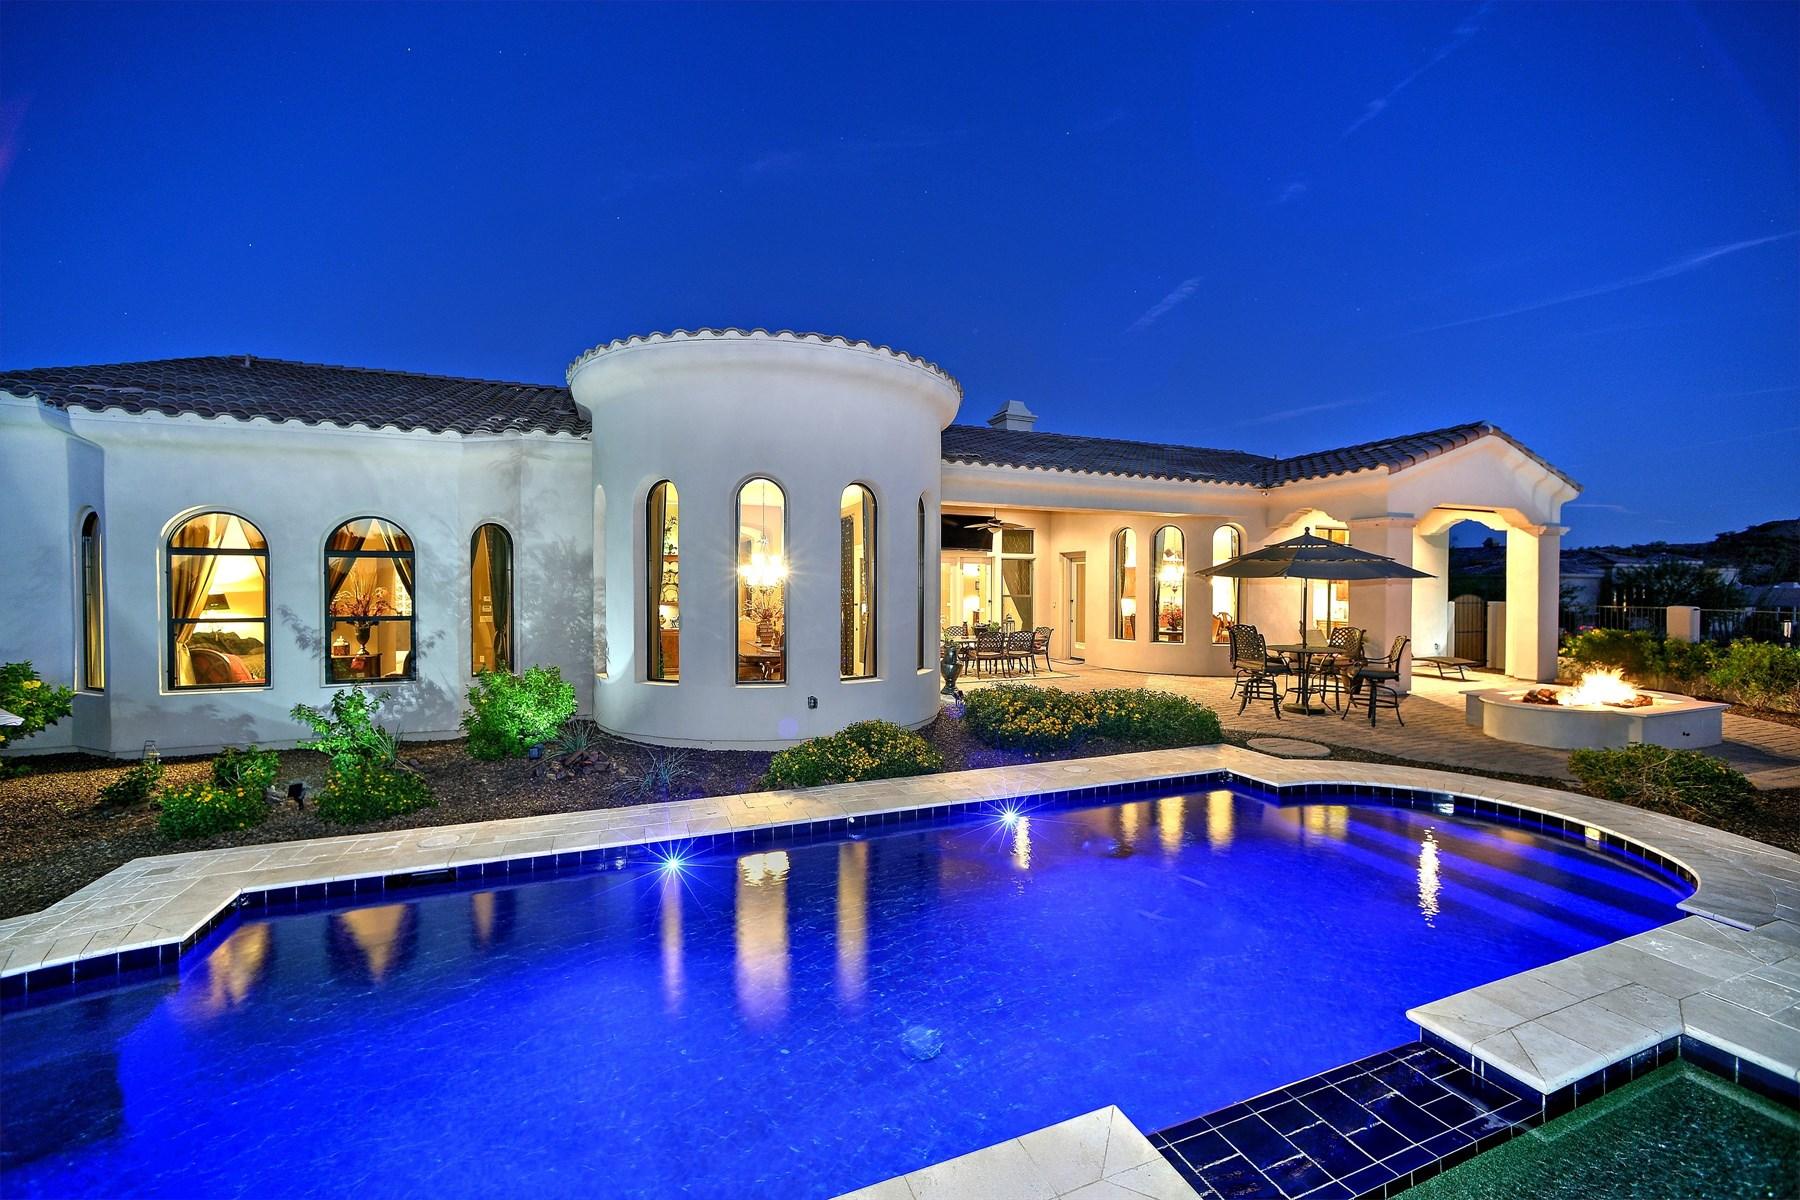 獨棟家庭住宅 為 出售 在 City lights, mountains, and sunsets surround you in this magnificent custom home 8724 E Regina Circle Mesa, 亞利桑那州 85207 美國